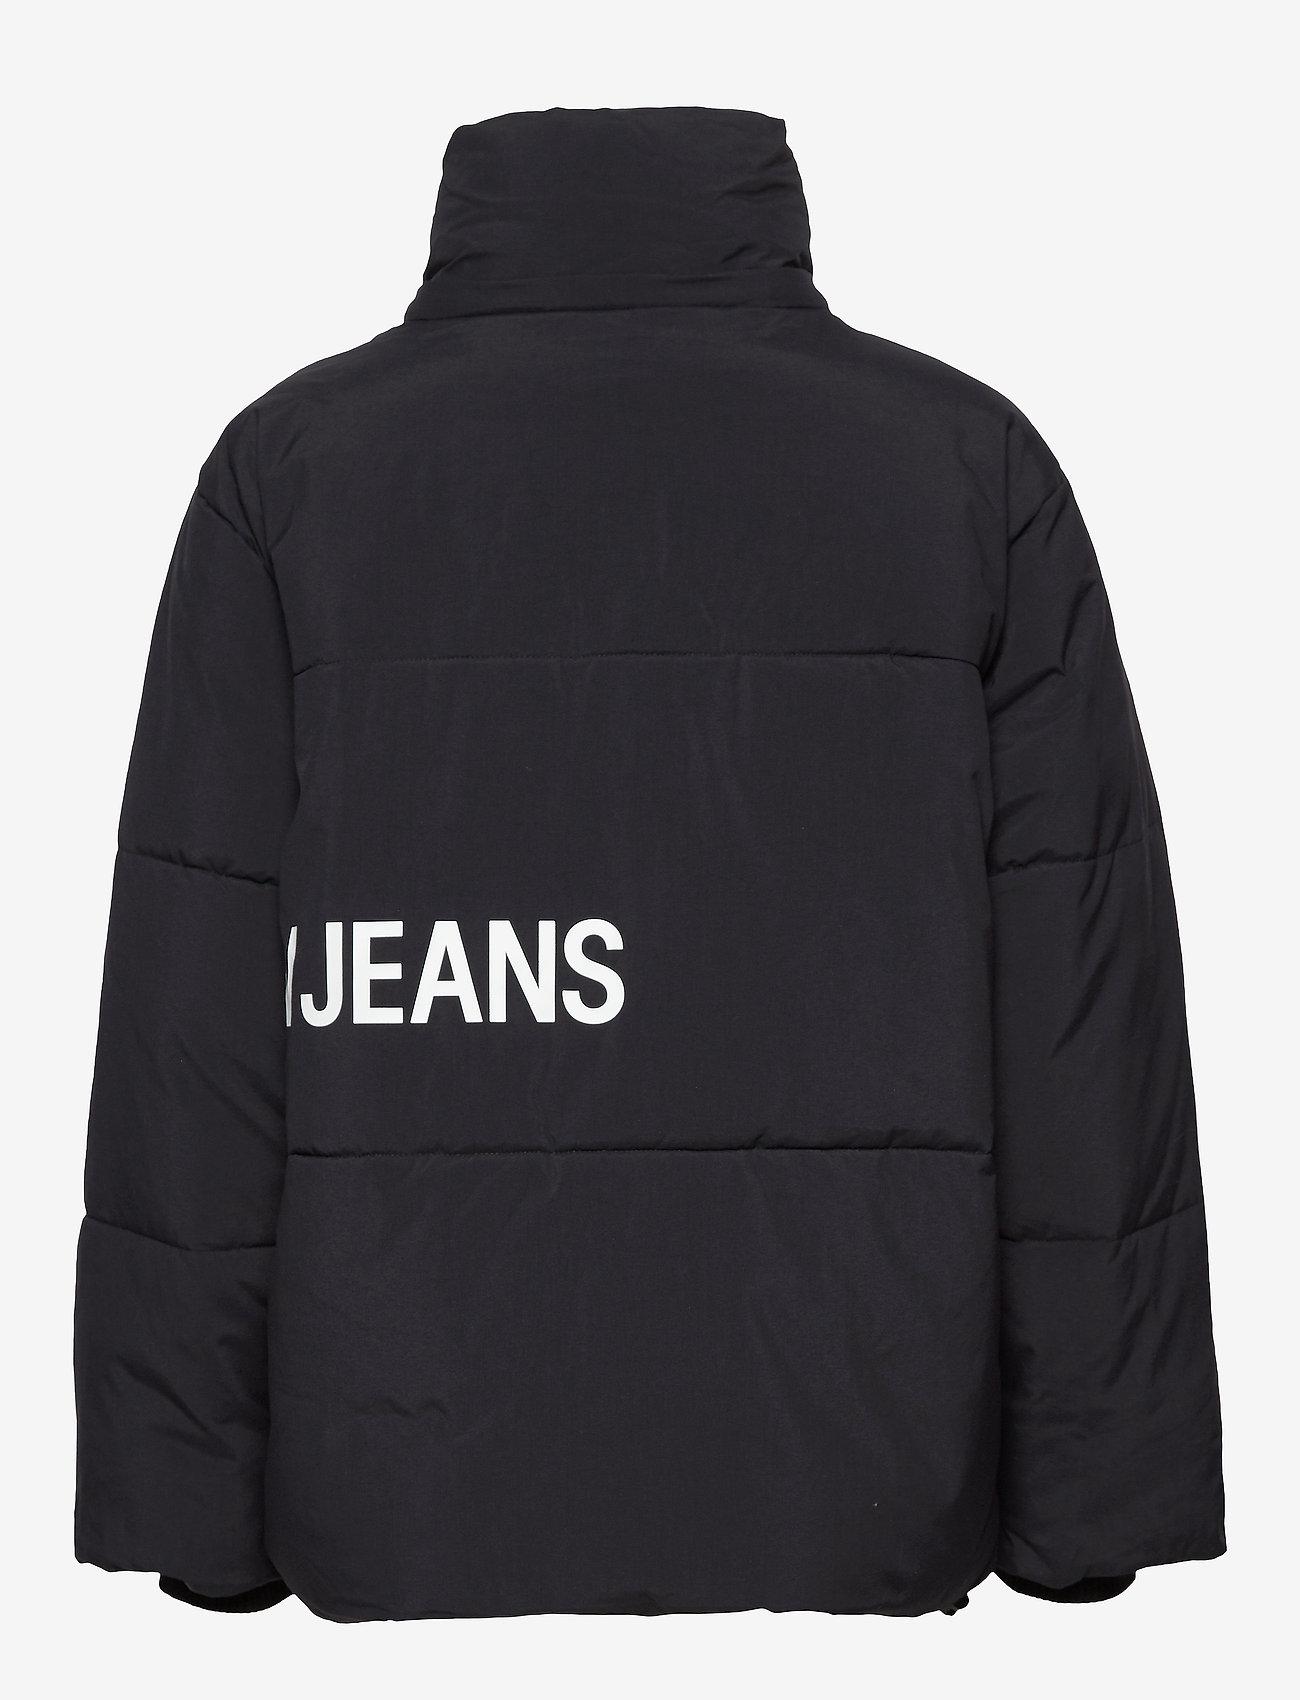 Calvin Klein Jeans OVERSIZED LOGO PUFFER - Kurtki i Płaszcze CK BLACK - Kobiety Odzież.